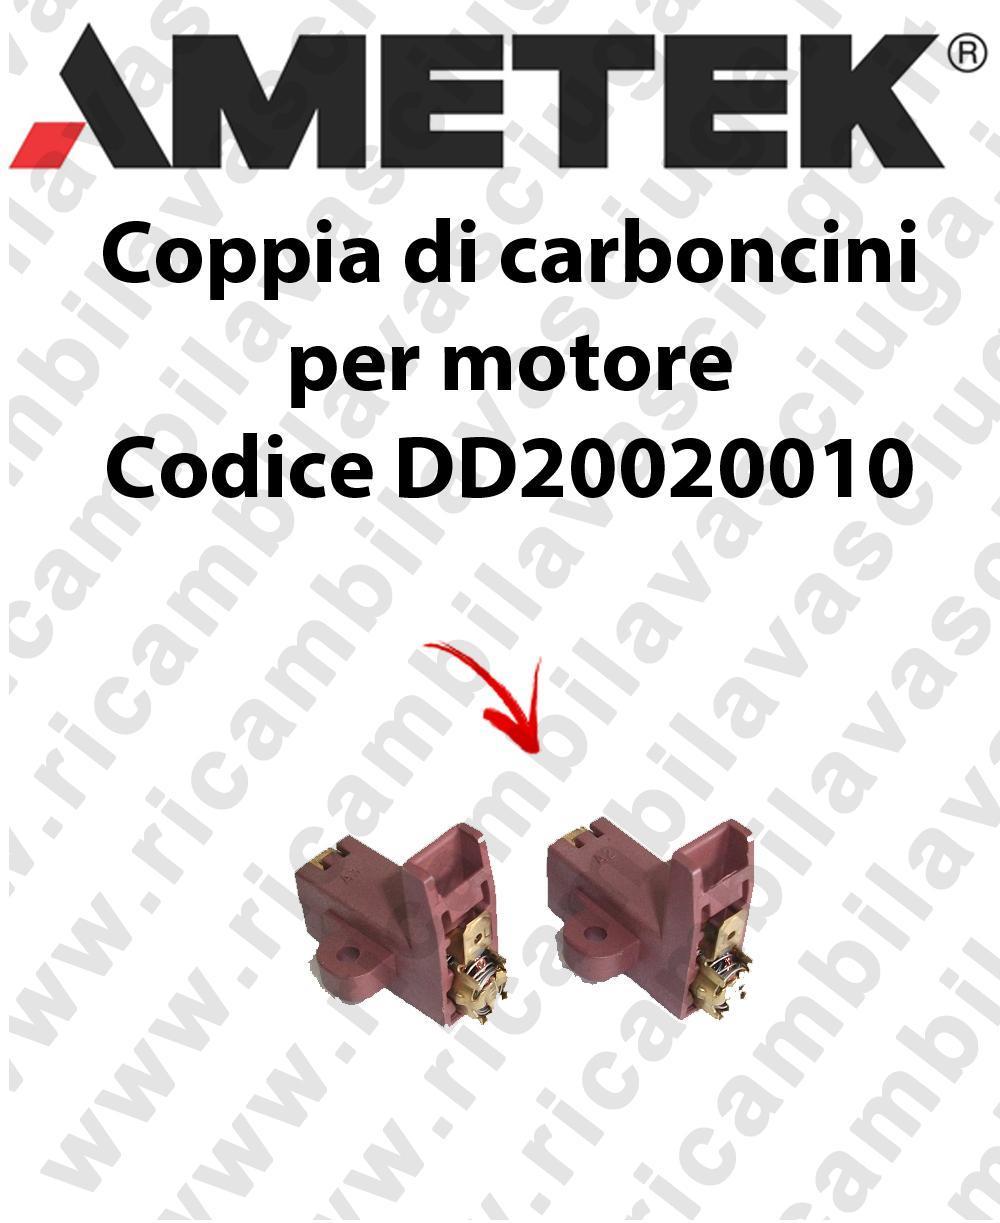 Couple du Carbon moteur aspiration pour moteur Ametek Cod: DD20020010